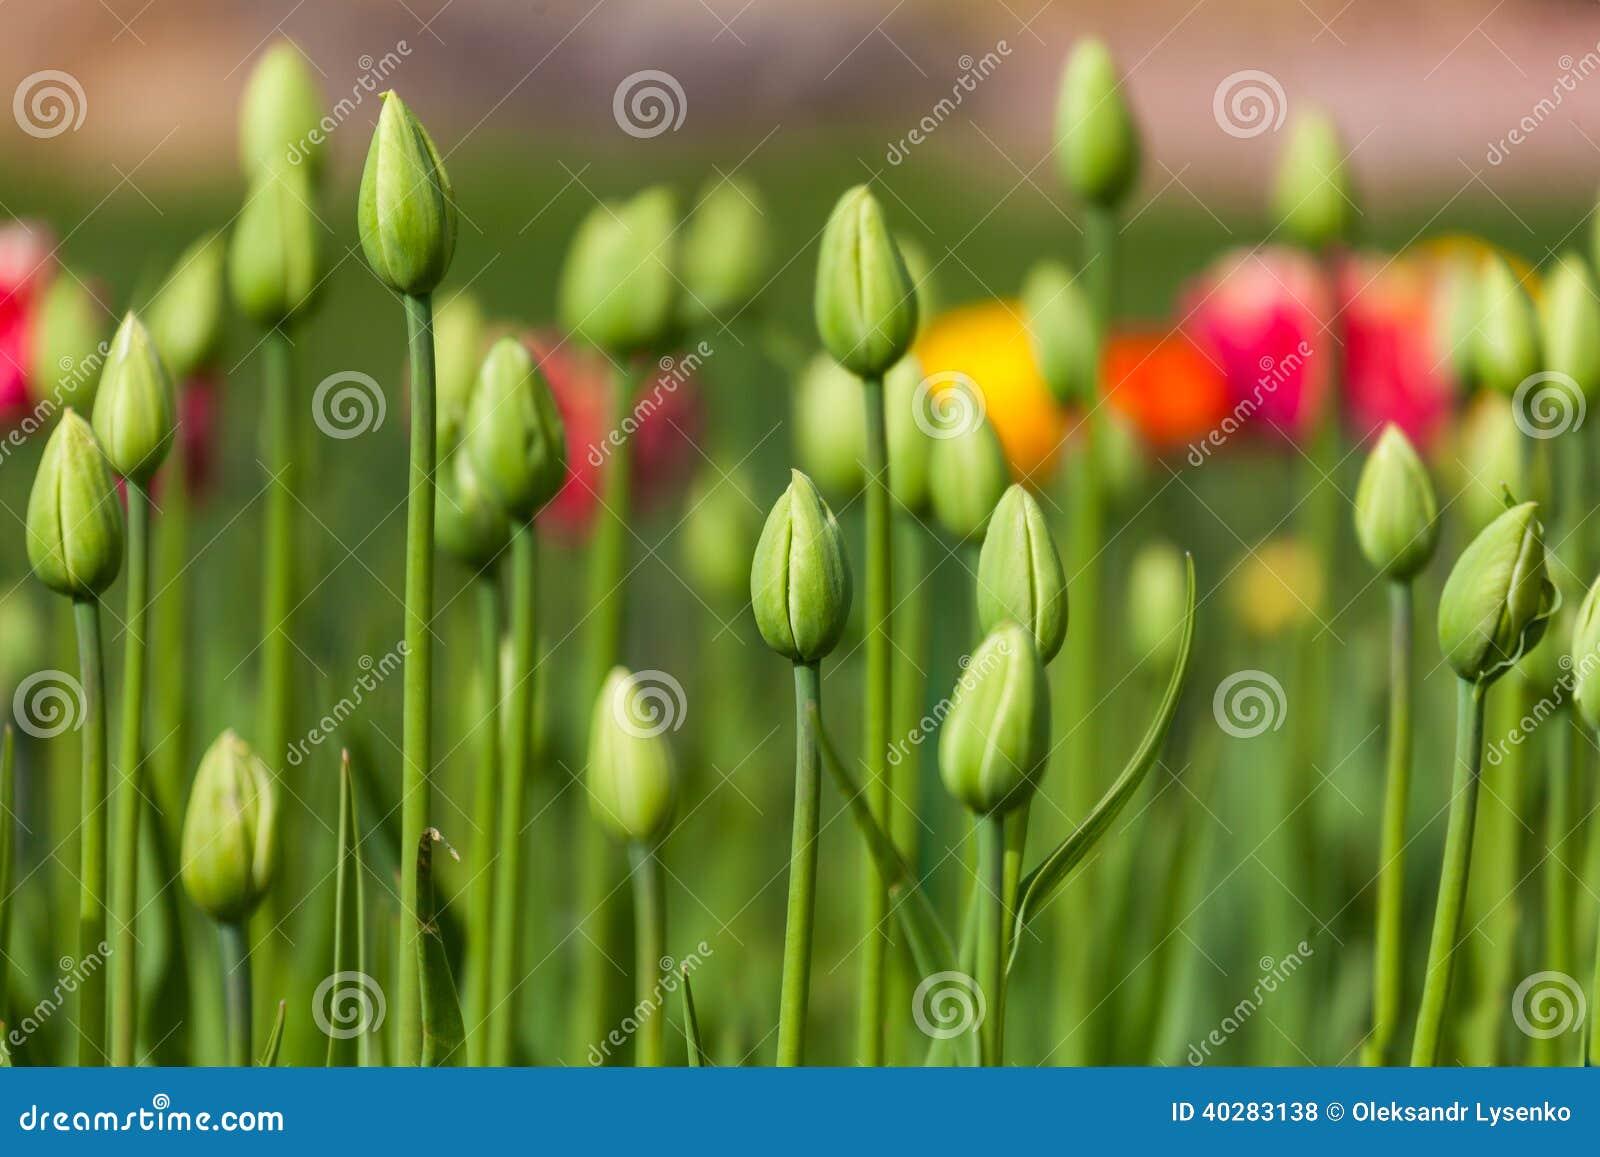 Flowerbed с зелеными бутонами тюльпанов